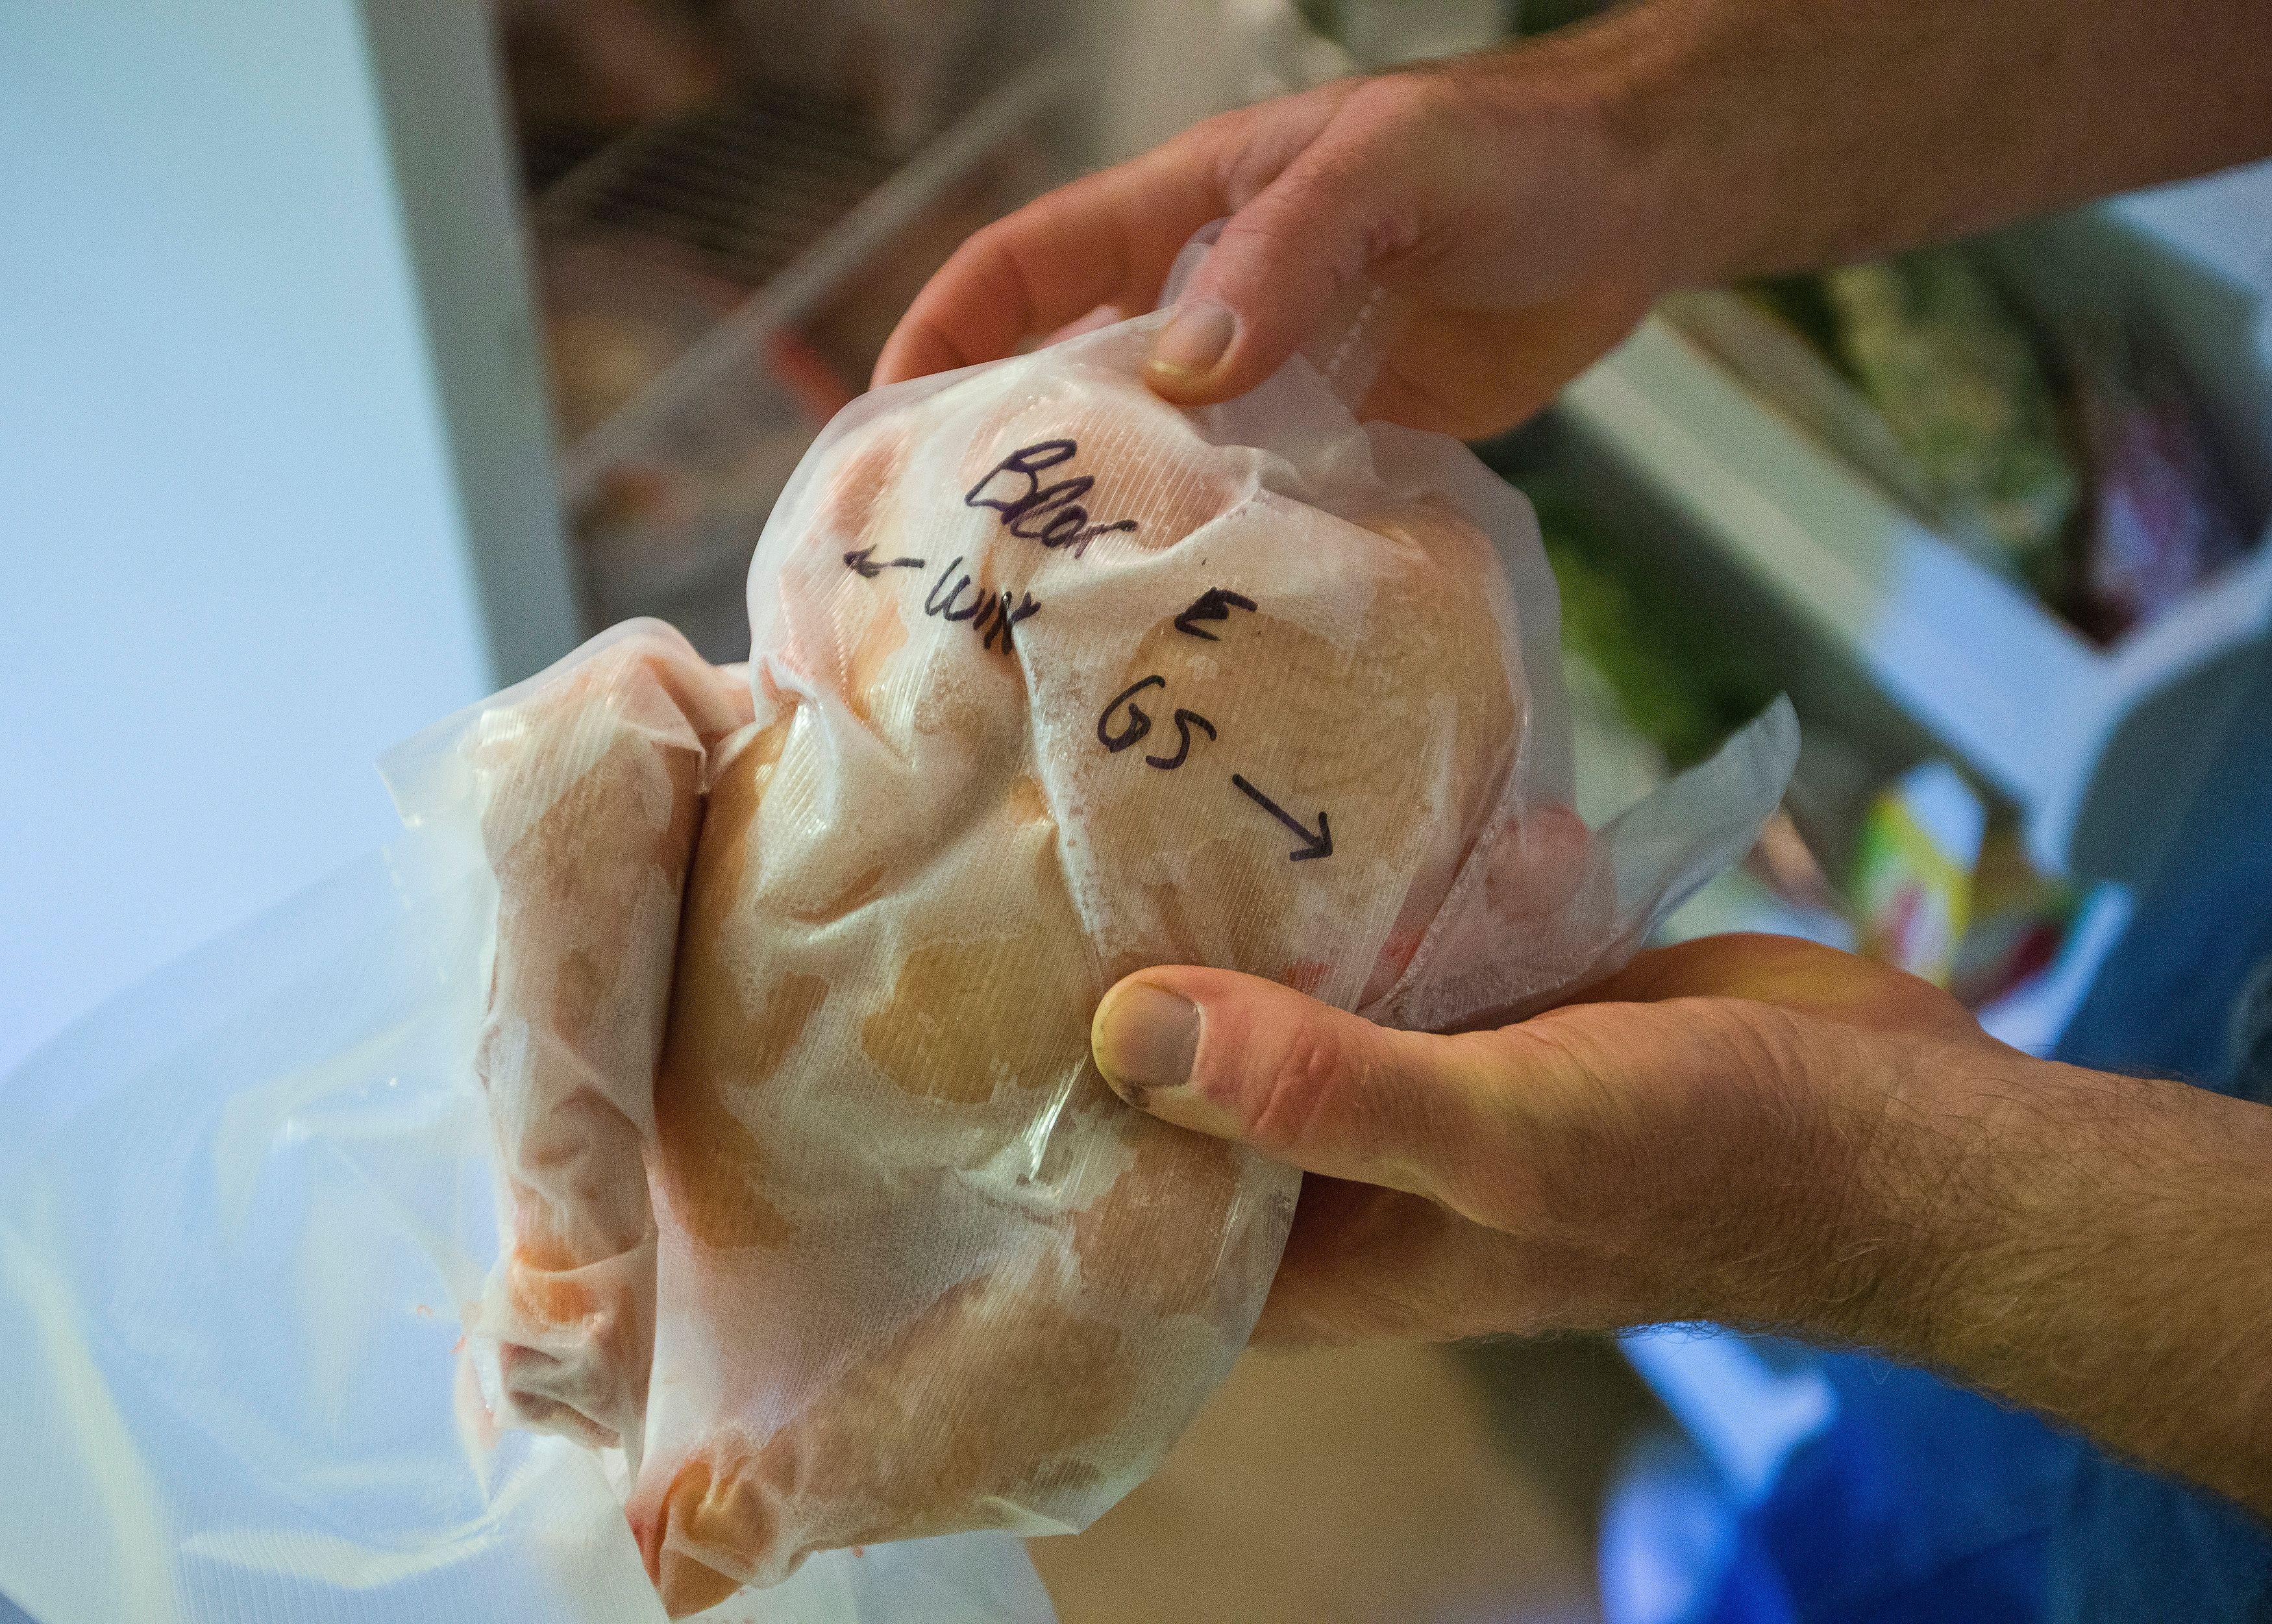 Ivre, il frappe son ex avec un poulet congelé : un an ferme